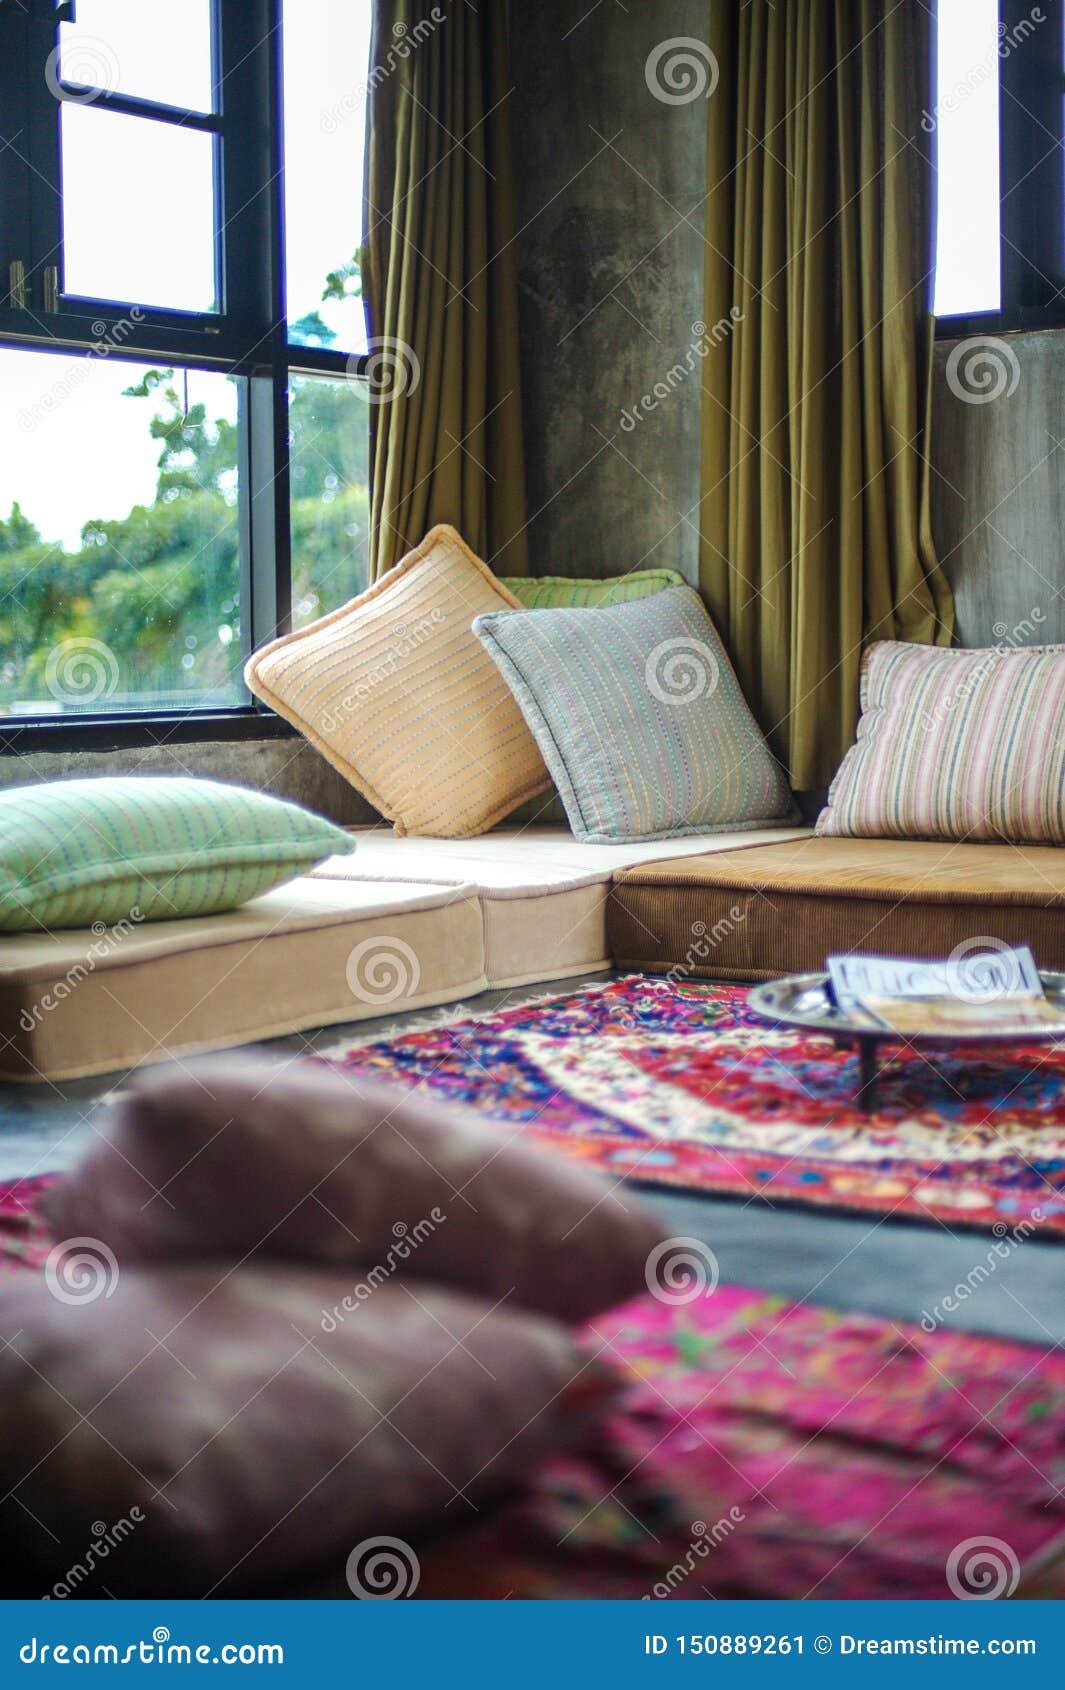 Hemtrevligt ställe med kuddar nära fönstren, ett bra ställe för läseböcker